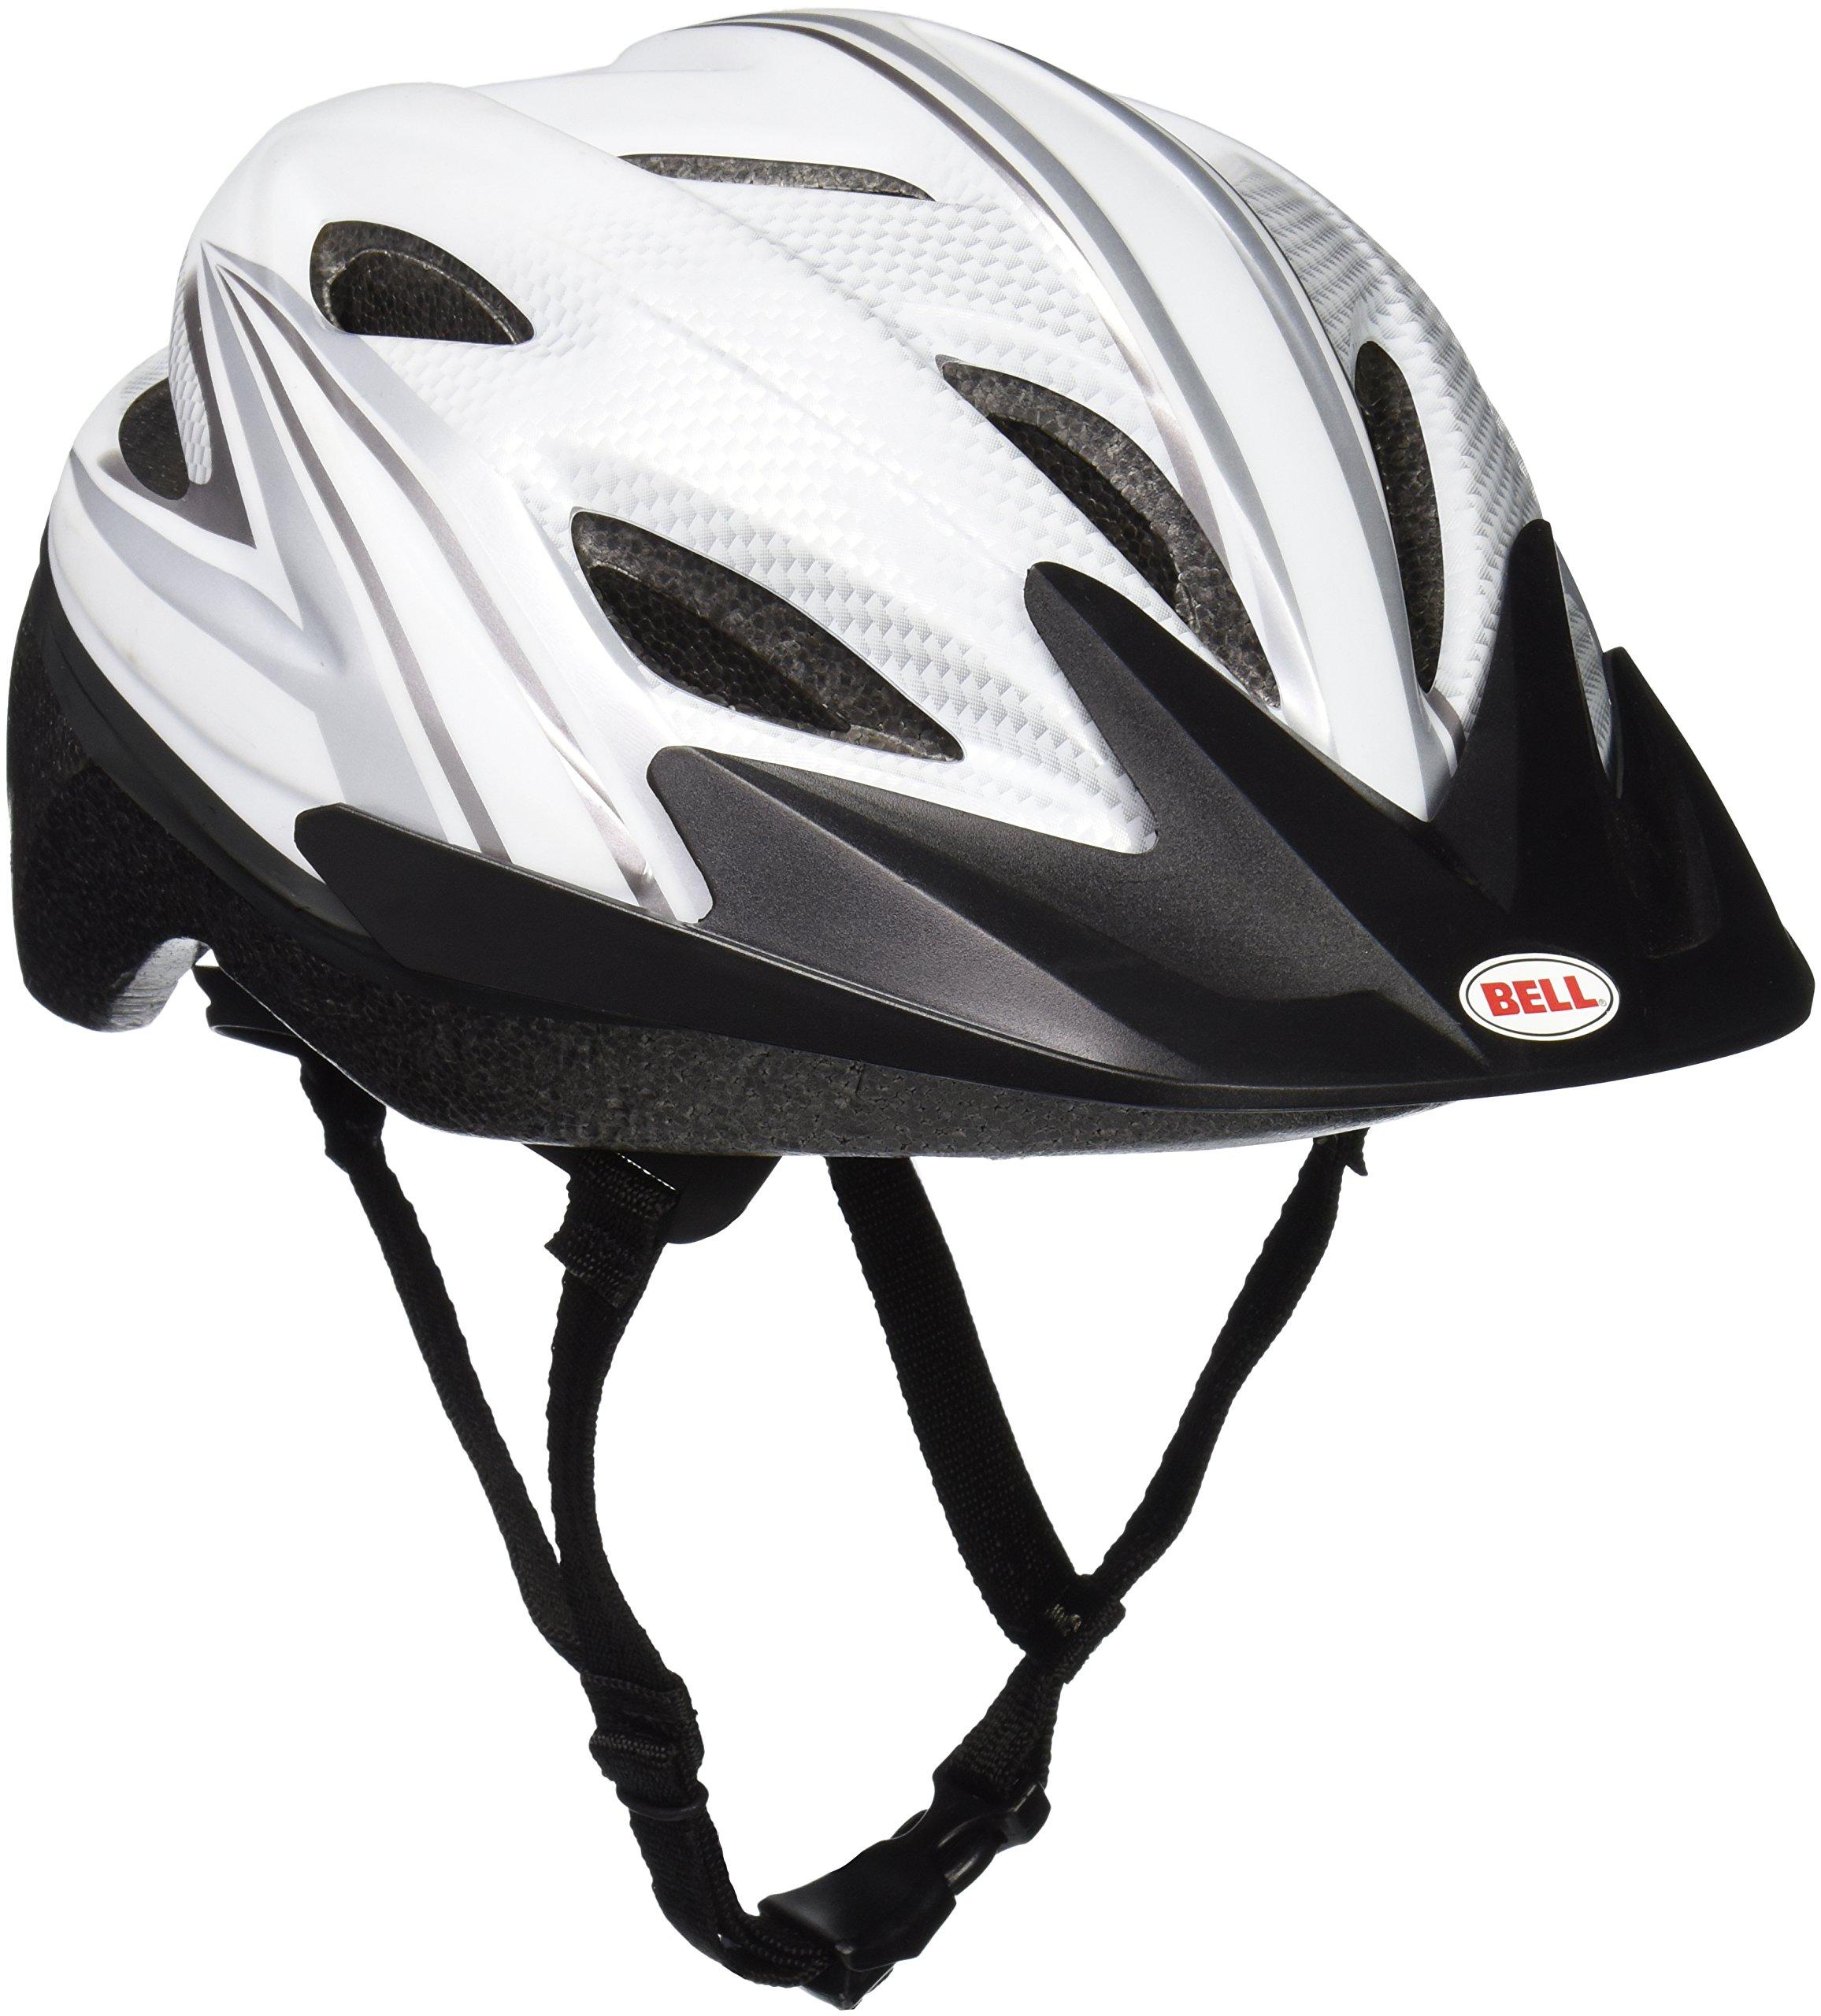 Bell Adrenaline Helmet Matte White